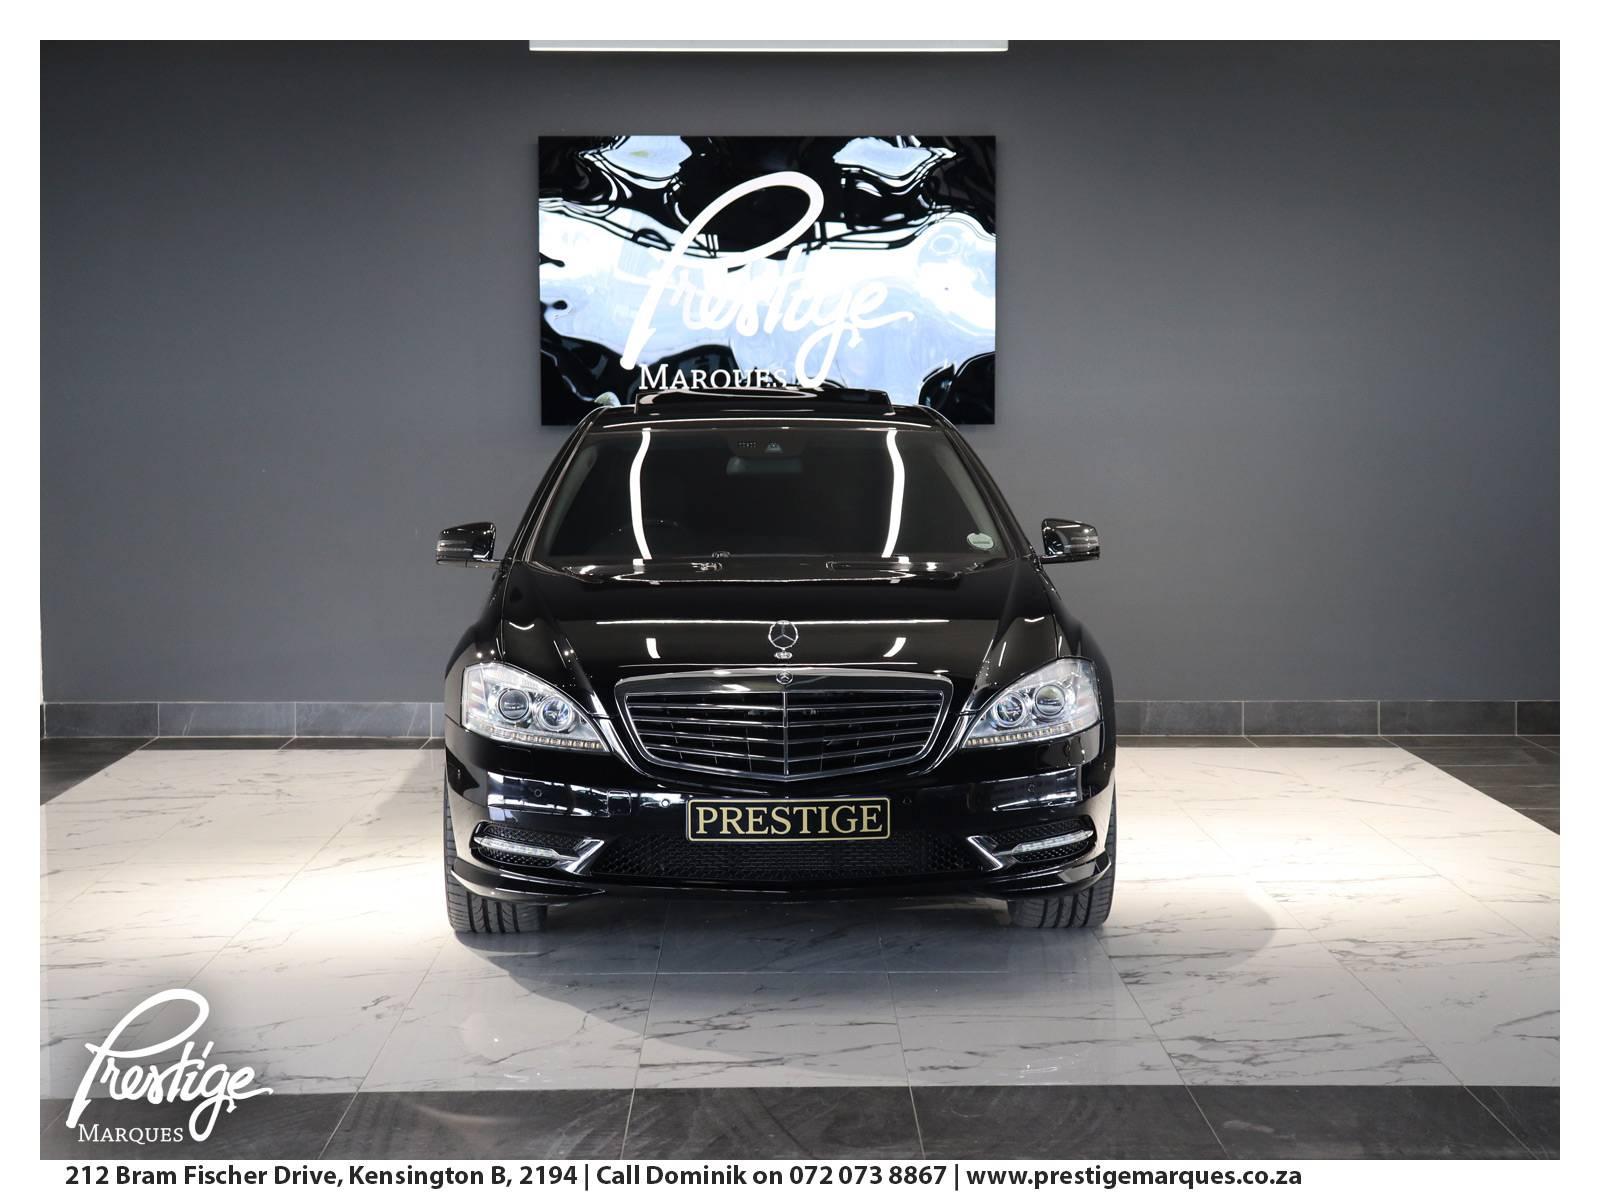 2011-Mercedes-Benz-S350-Prestige-Marques-Randburg-Sandton-7